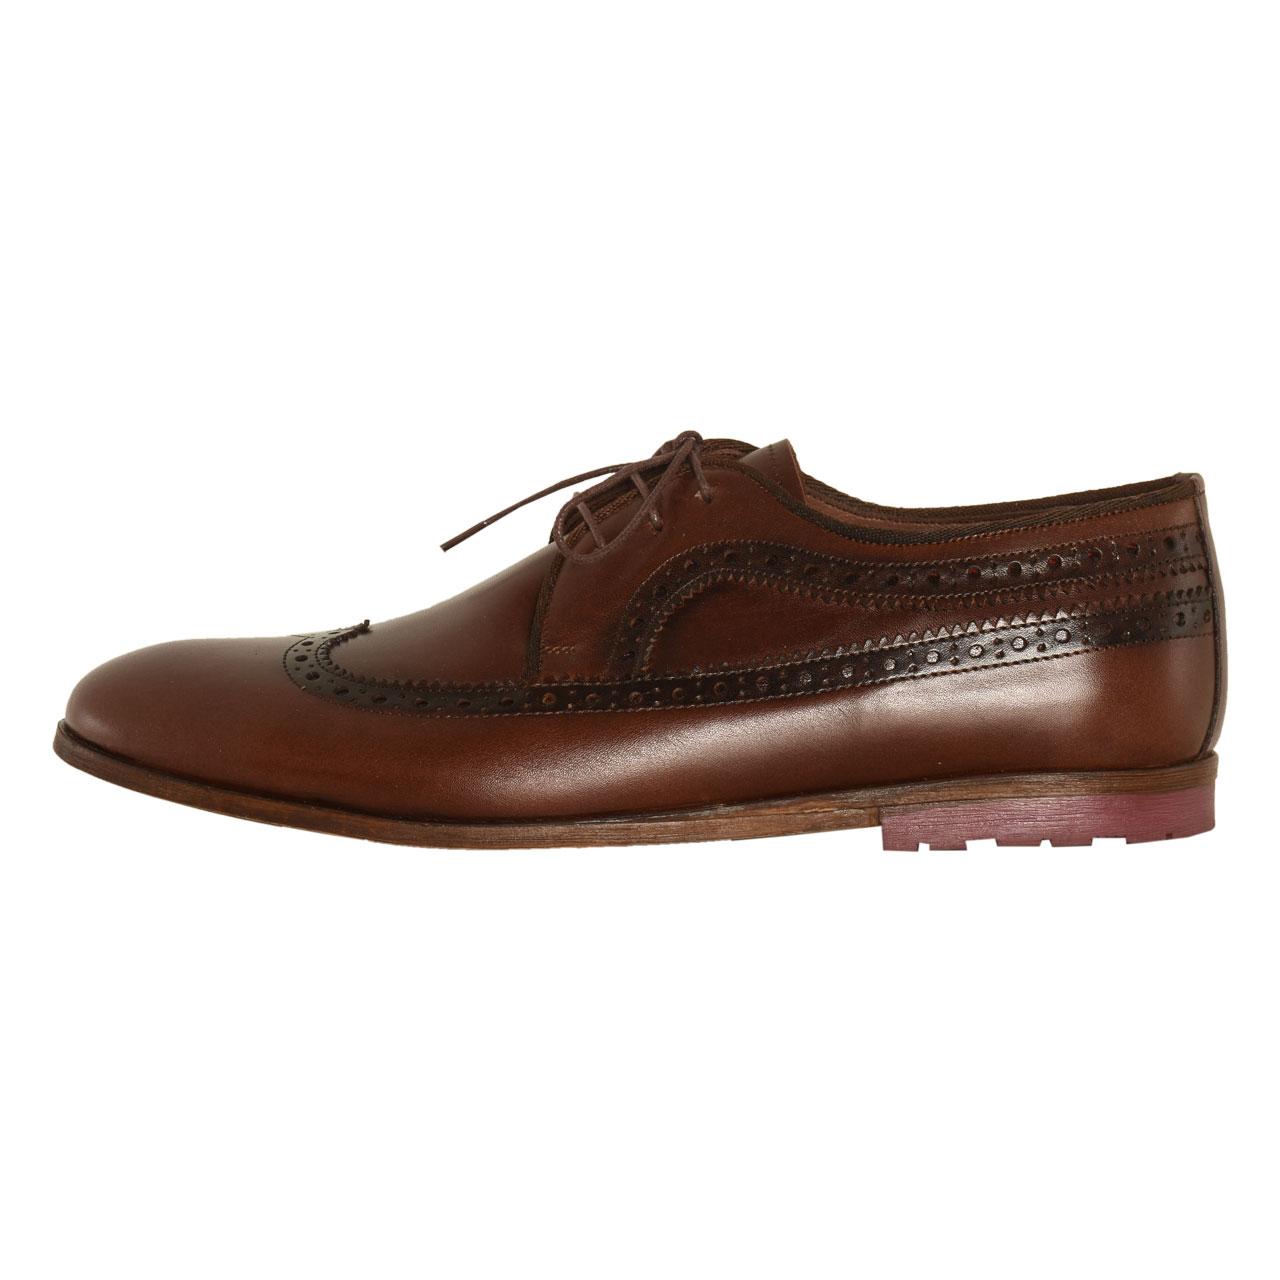 کفش مردانه کهن چرم مدل SHO113-7